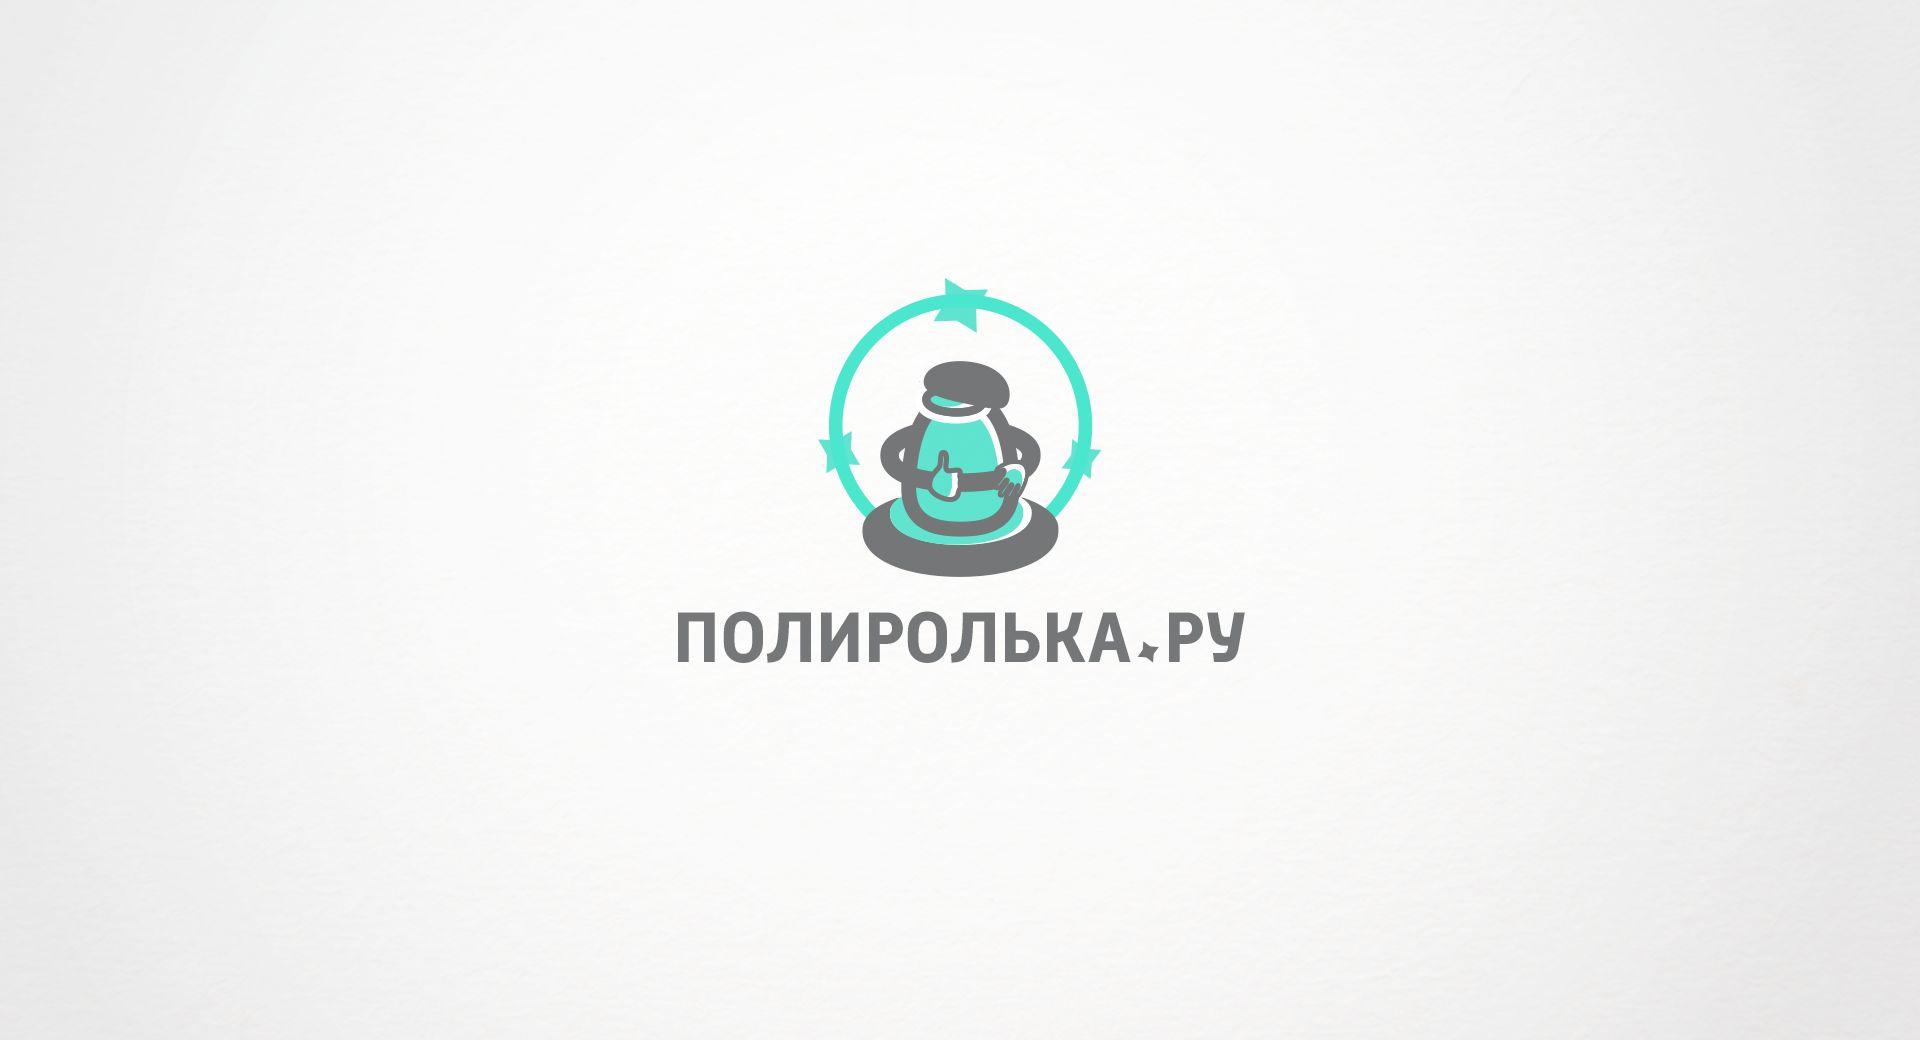 Логотип для интернет-магазина Полиролька.ру - дизайнер shusha